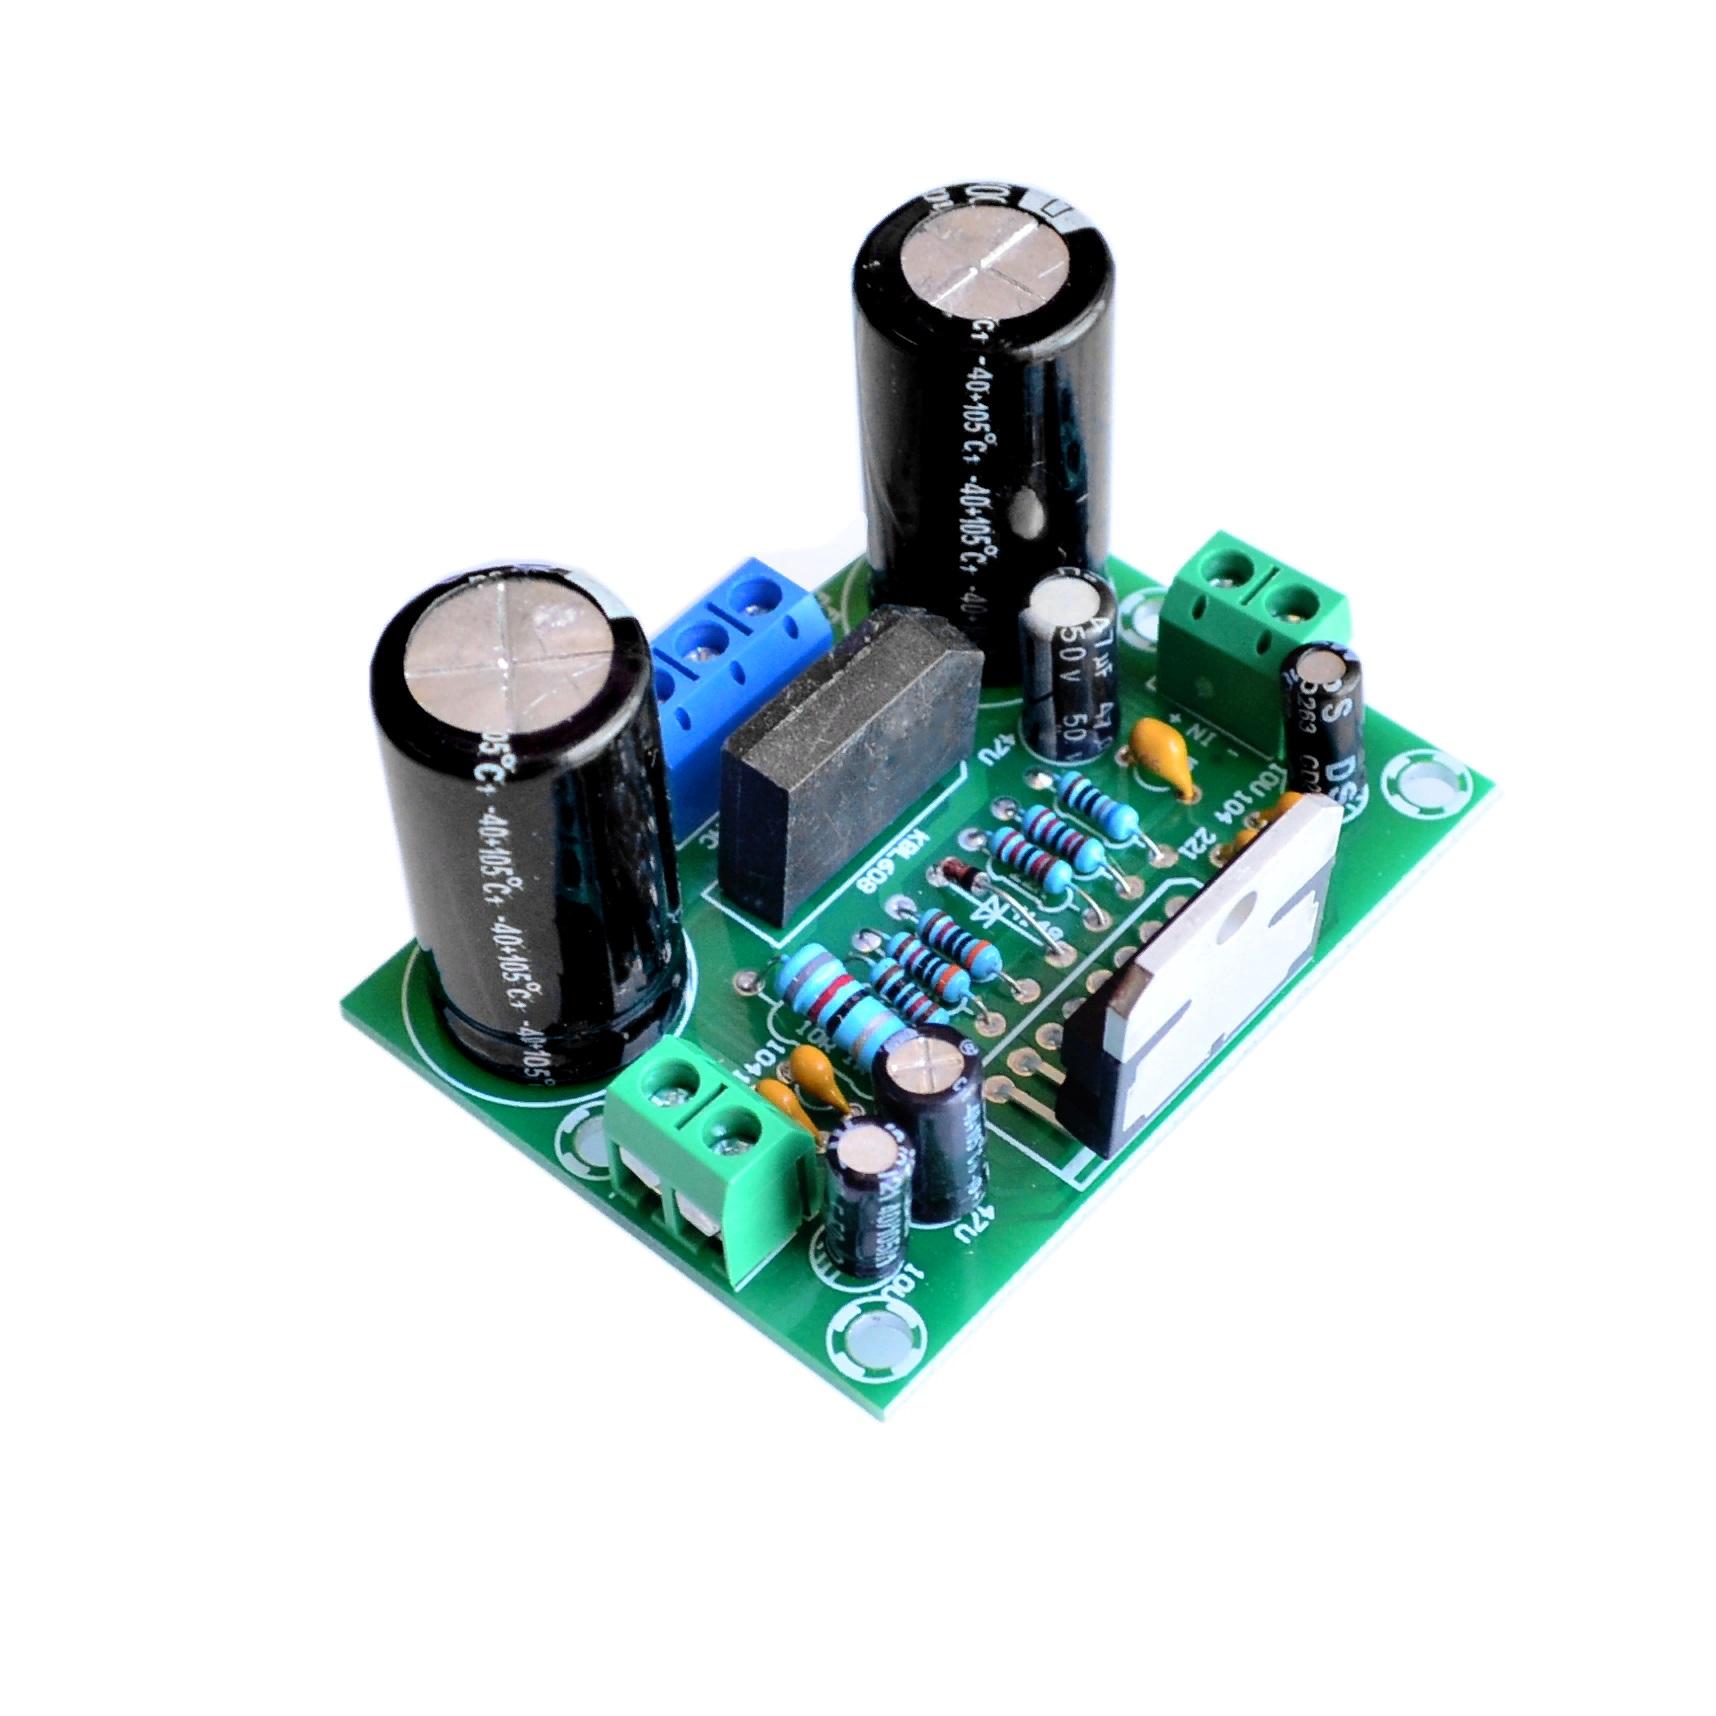 Модуль усилителя низкой частоты TDA7293 120V-100W DMOS с MUTE/ST-BY [MULTIWATT-15V]